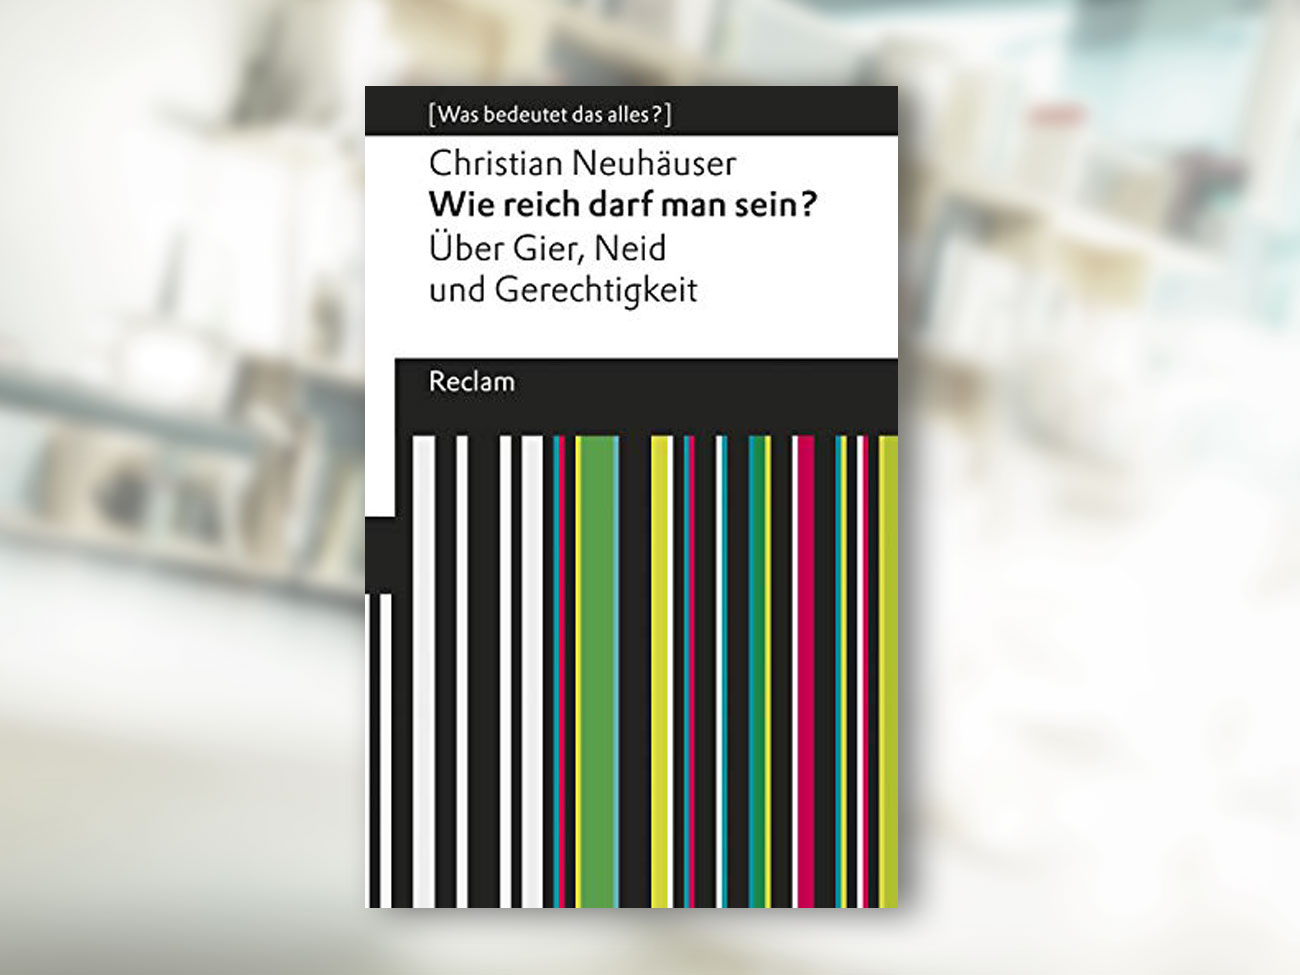 Christian Neuhäuser, Wie reich darf man sein?